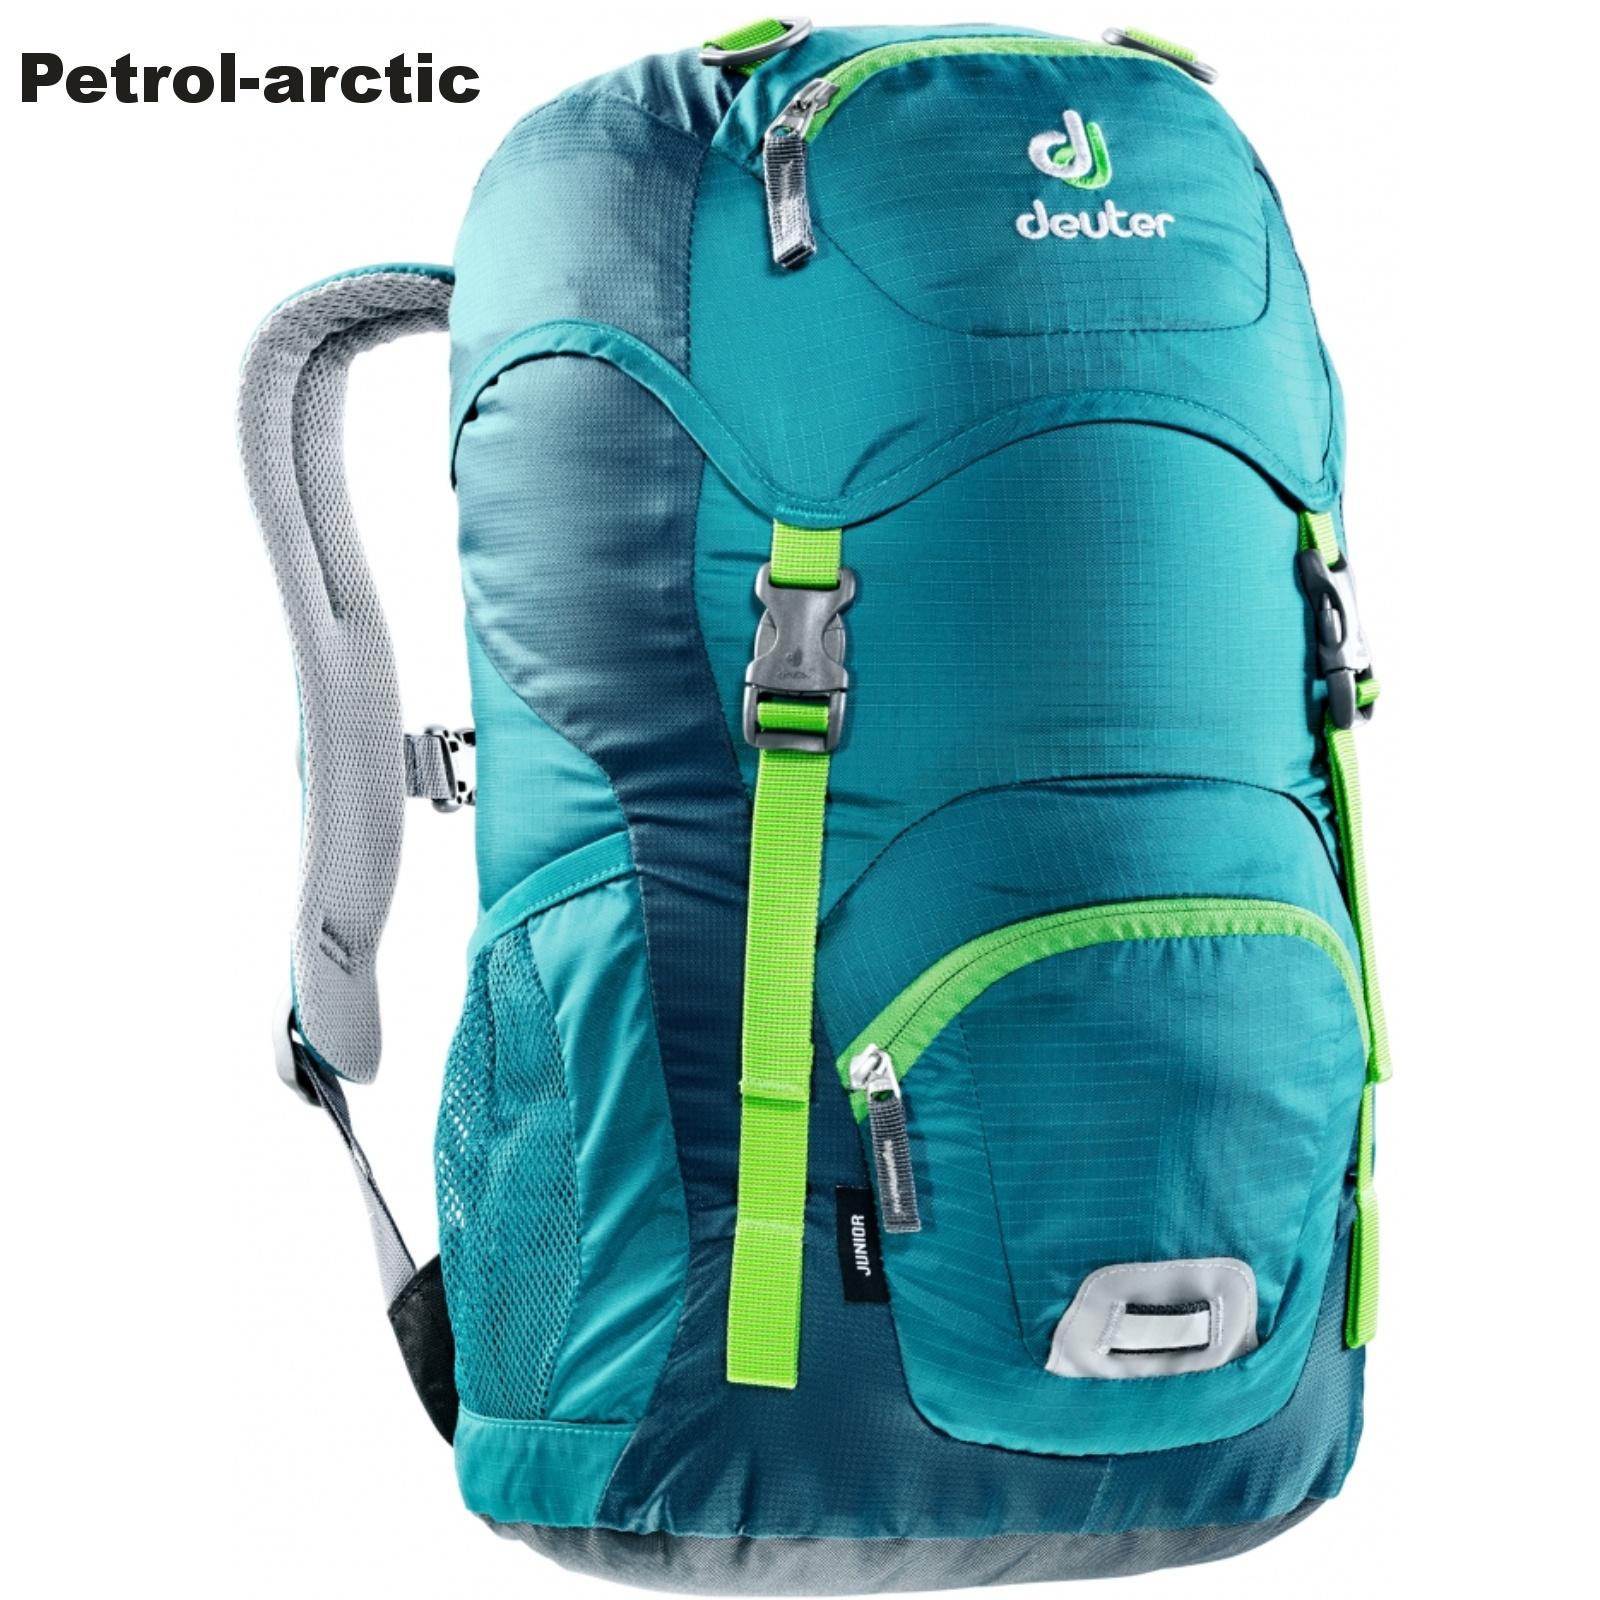 Detský batoh DEUTER Junior 18 l - petrol-arctic